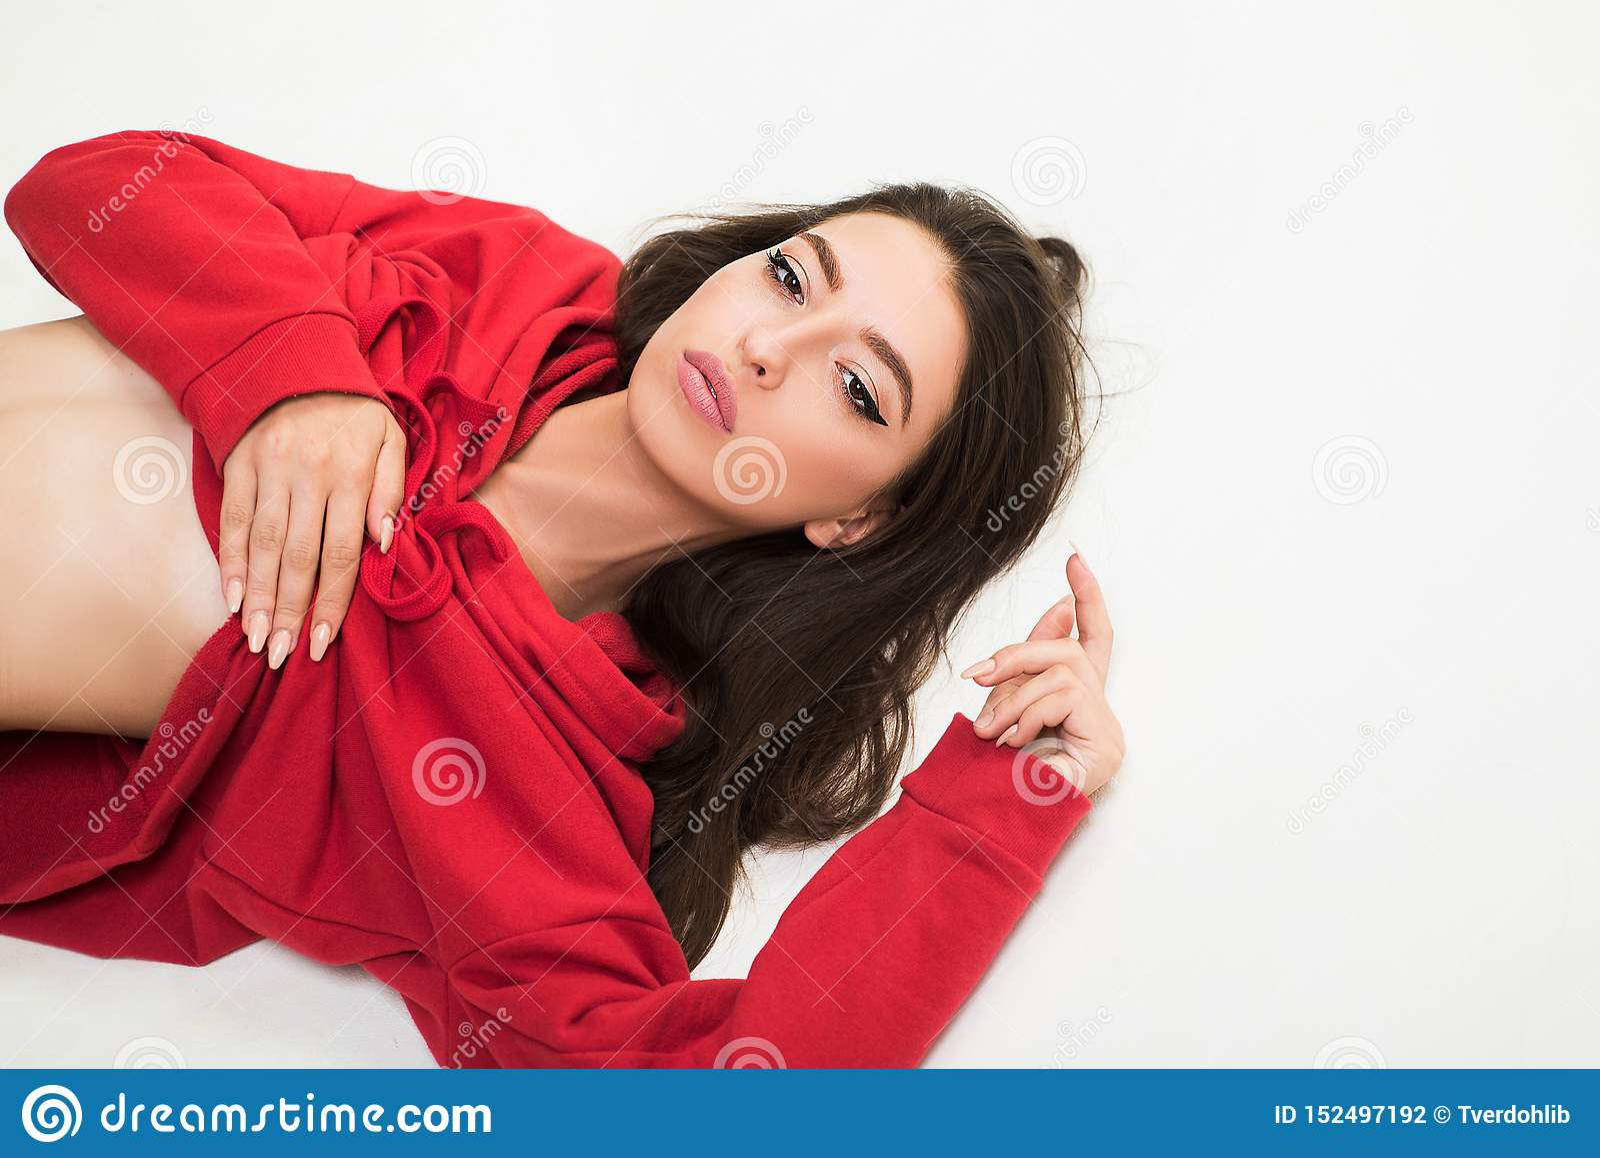 Jugendmode F?hlen frei und stilvoll Mädchen tragen moderne Kleidung für Jugendgeneration F?r immer Junge Sorglose Leute